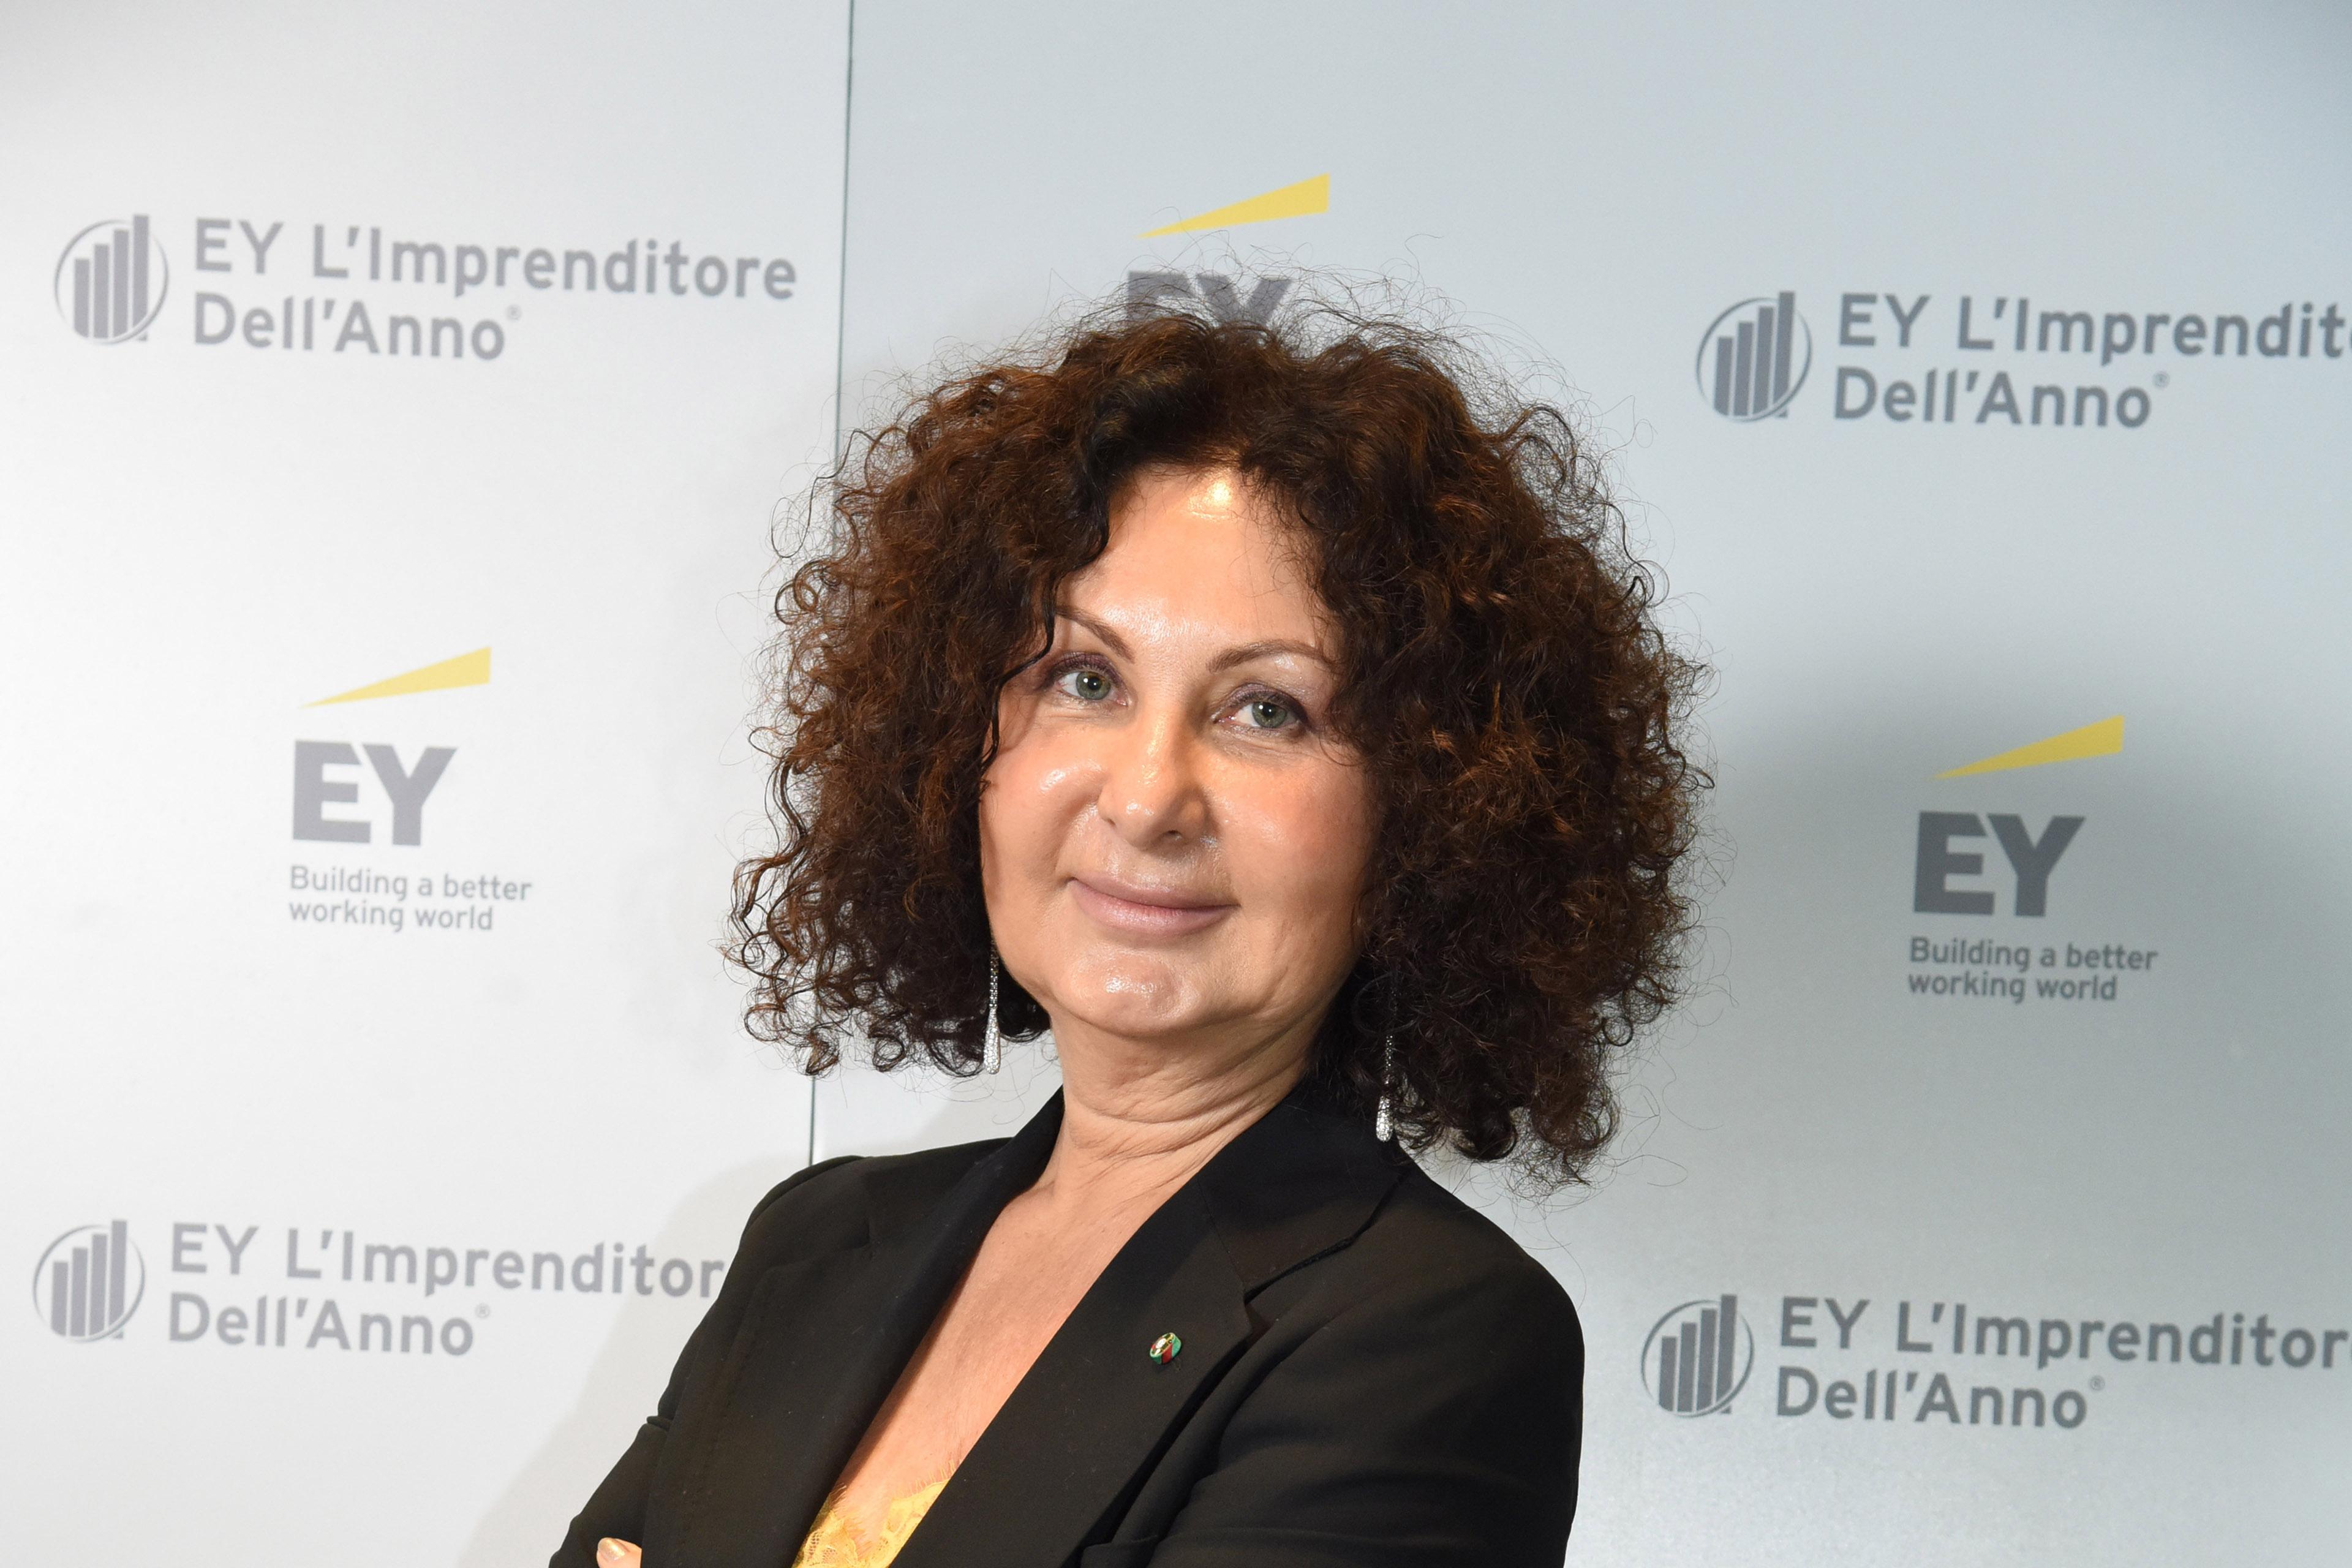 2019 Entrepreneur Sonia Bonfiglioli